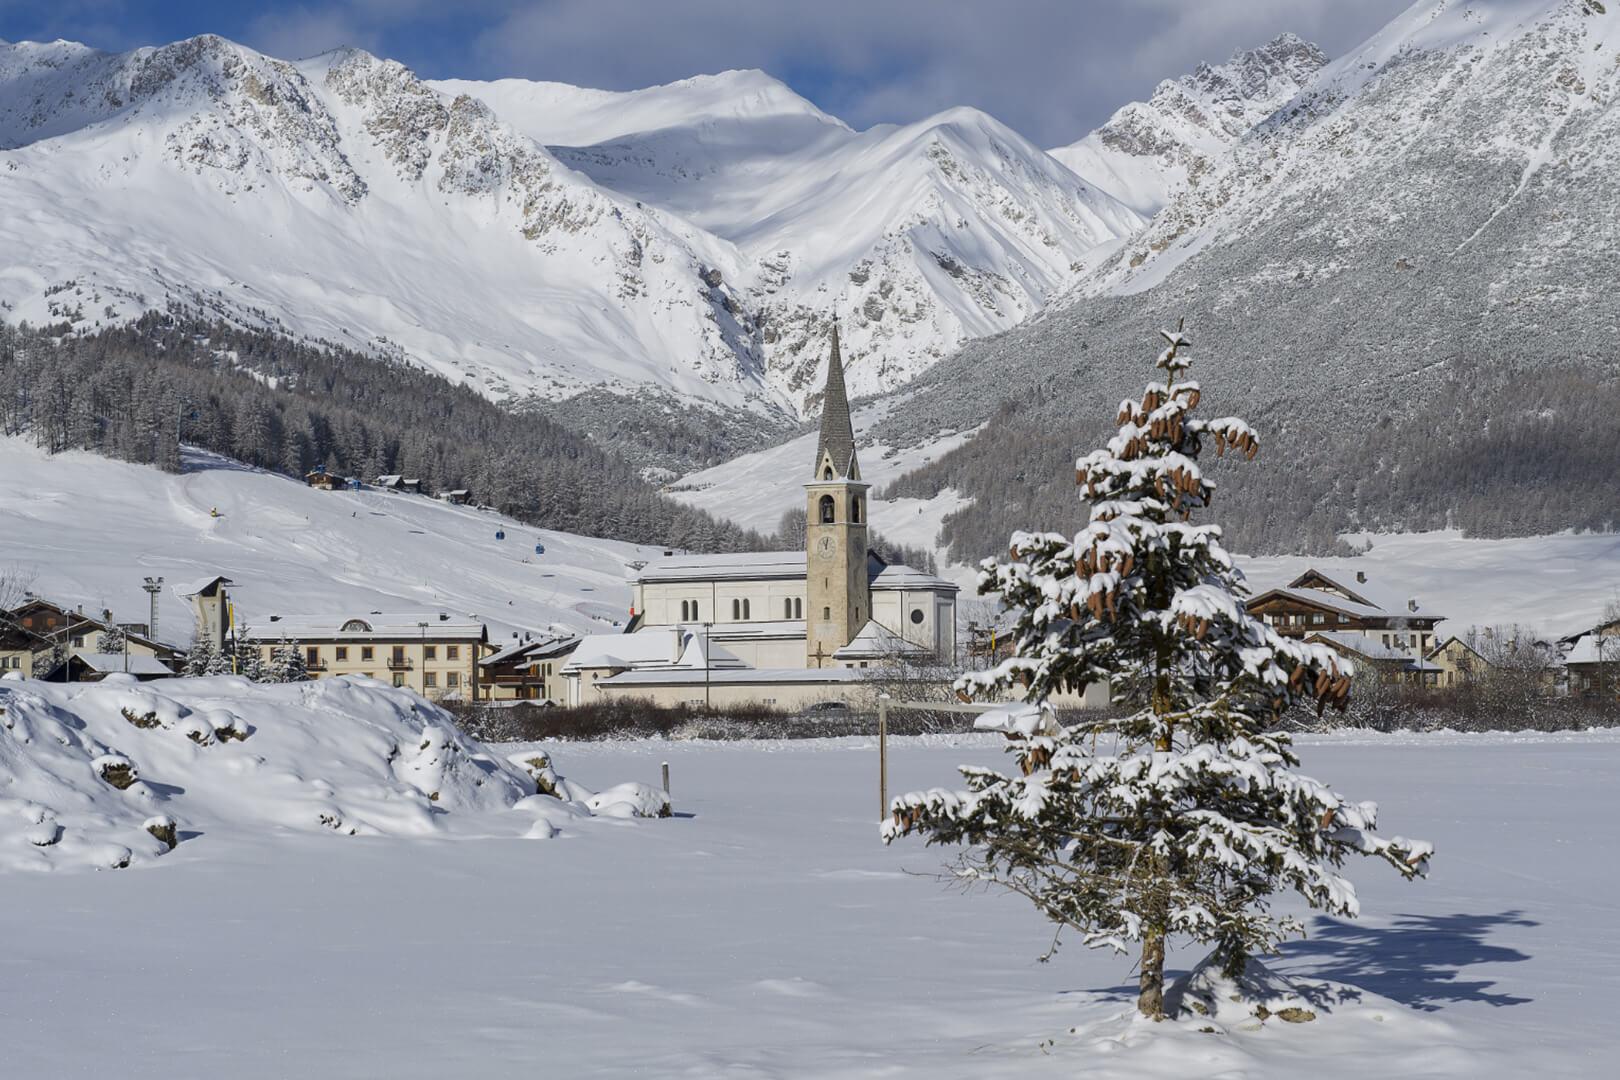 La chiesetta di Livigno a pochi km dall'Husky Village